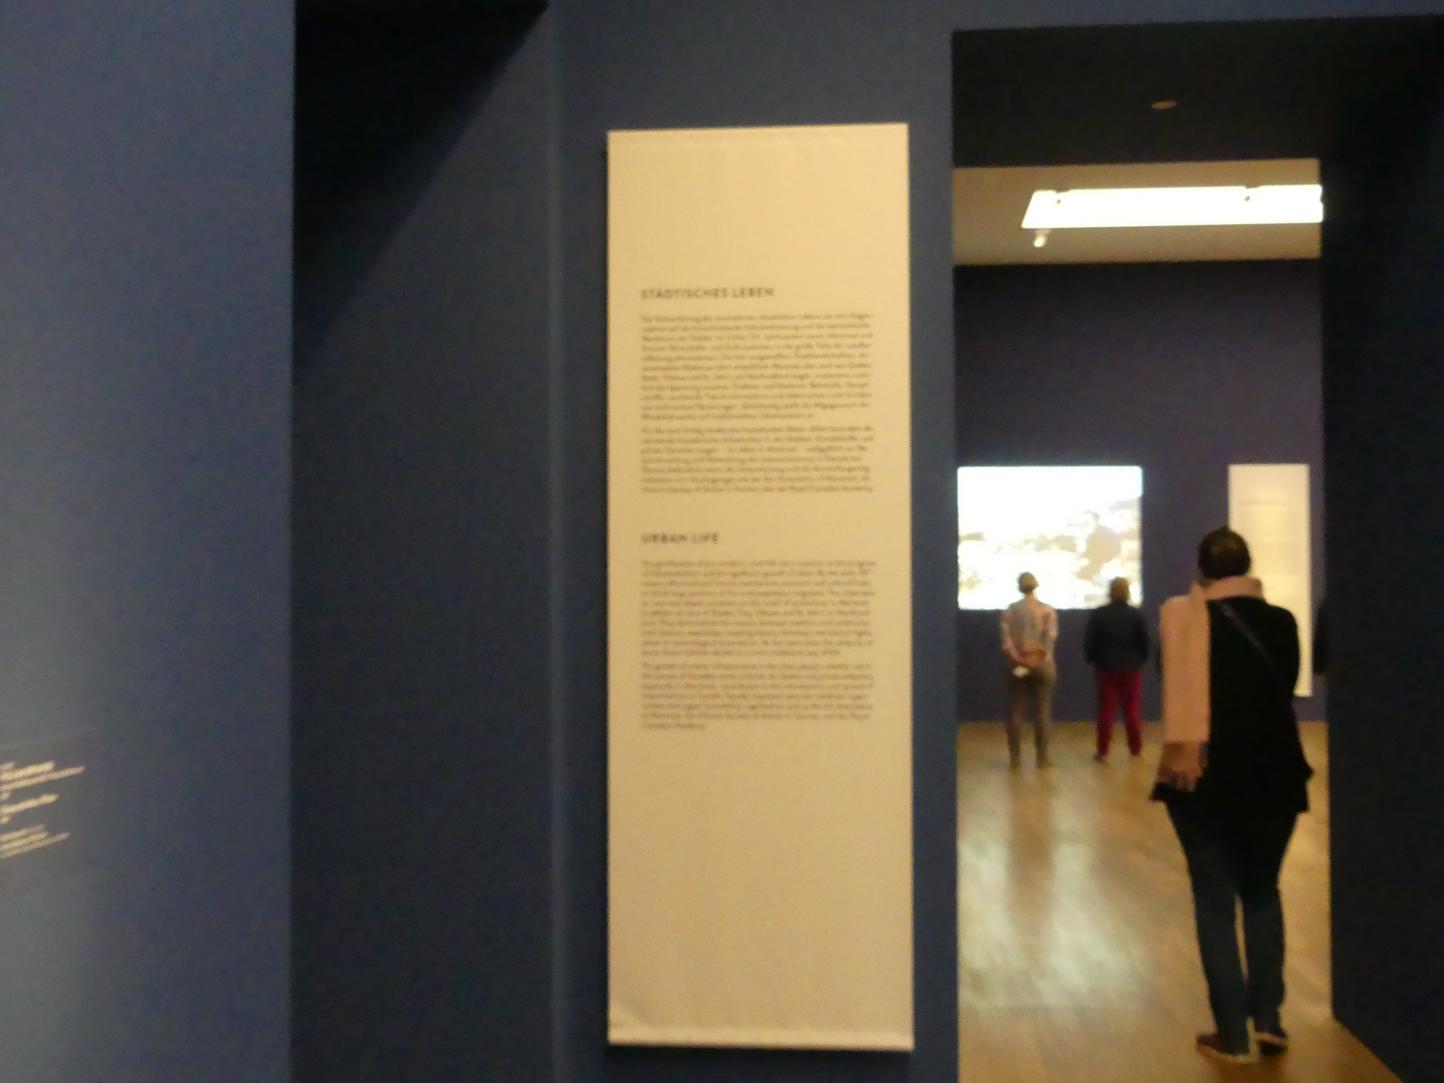 """München, Kunsthalle, Ausstellung """"Kanada und der Impressionismus"""" vom 19.7.-17.11.2019, Städtisches Leben, Bild 4/6"""